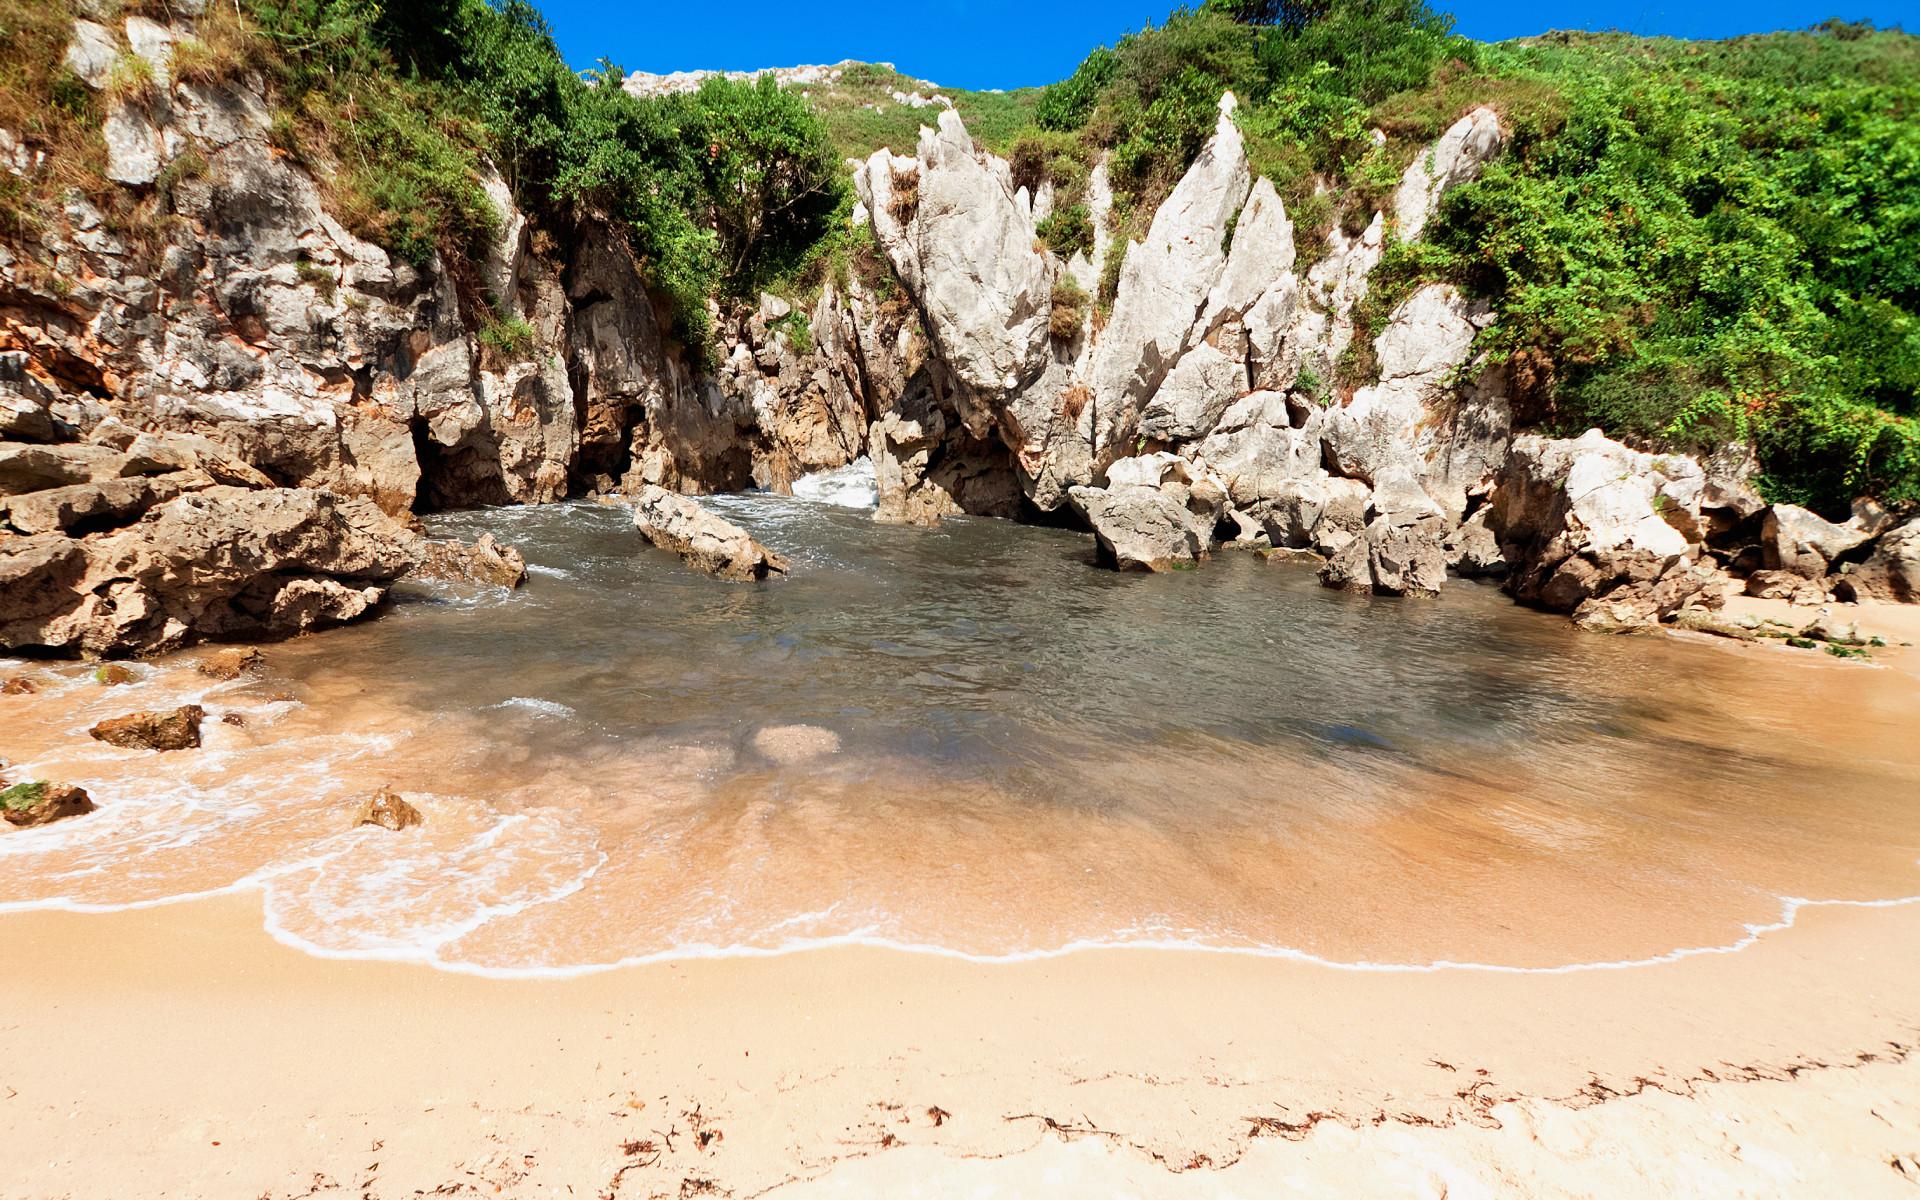 Visite as praias mais bizarras do planeta